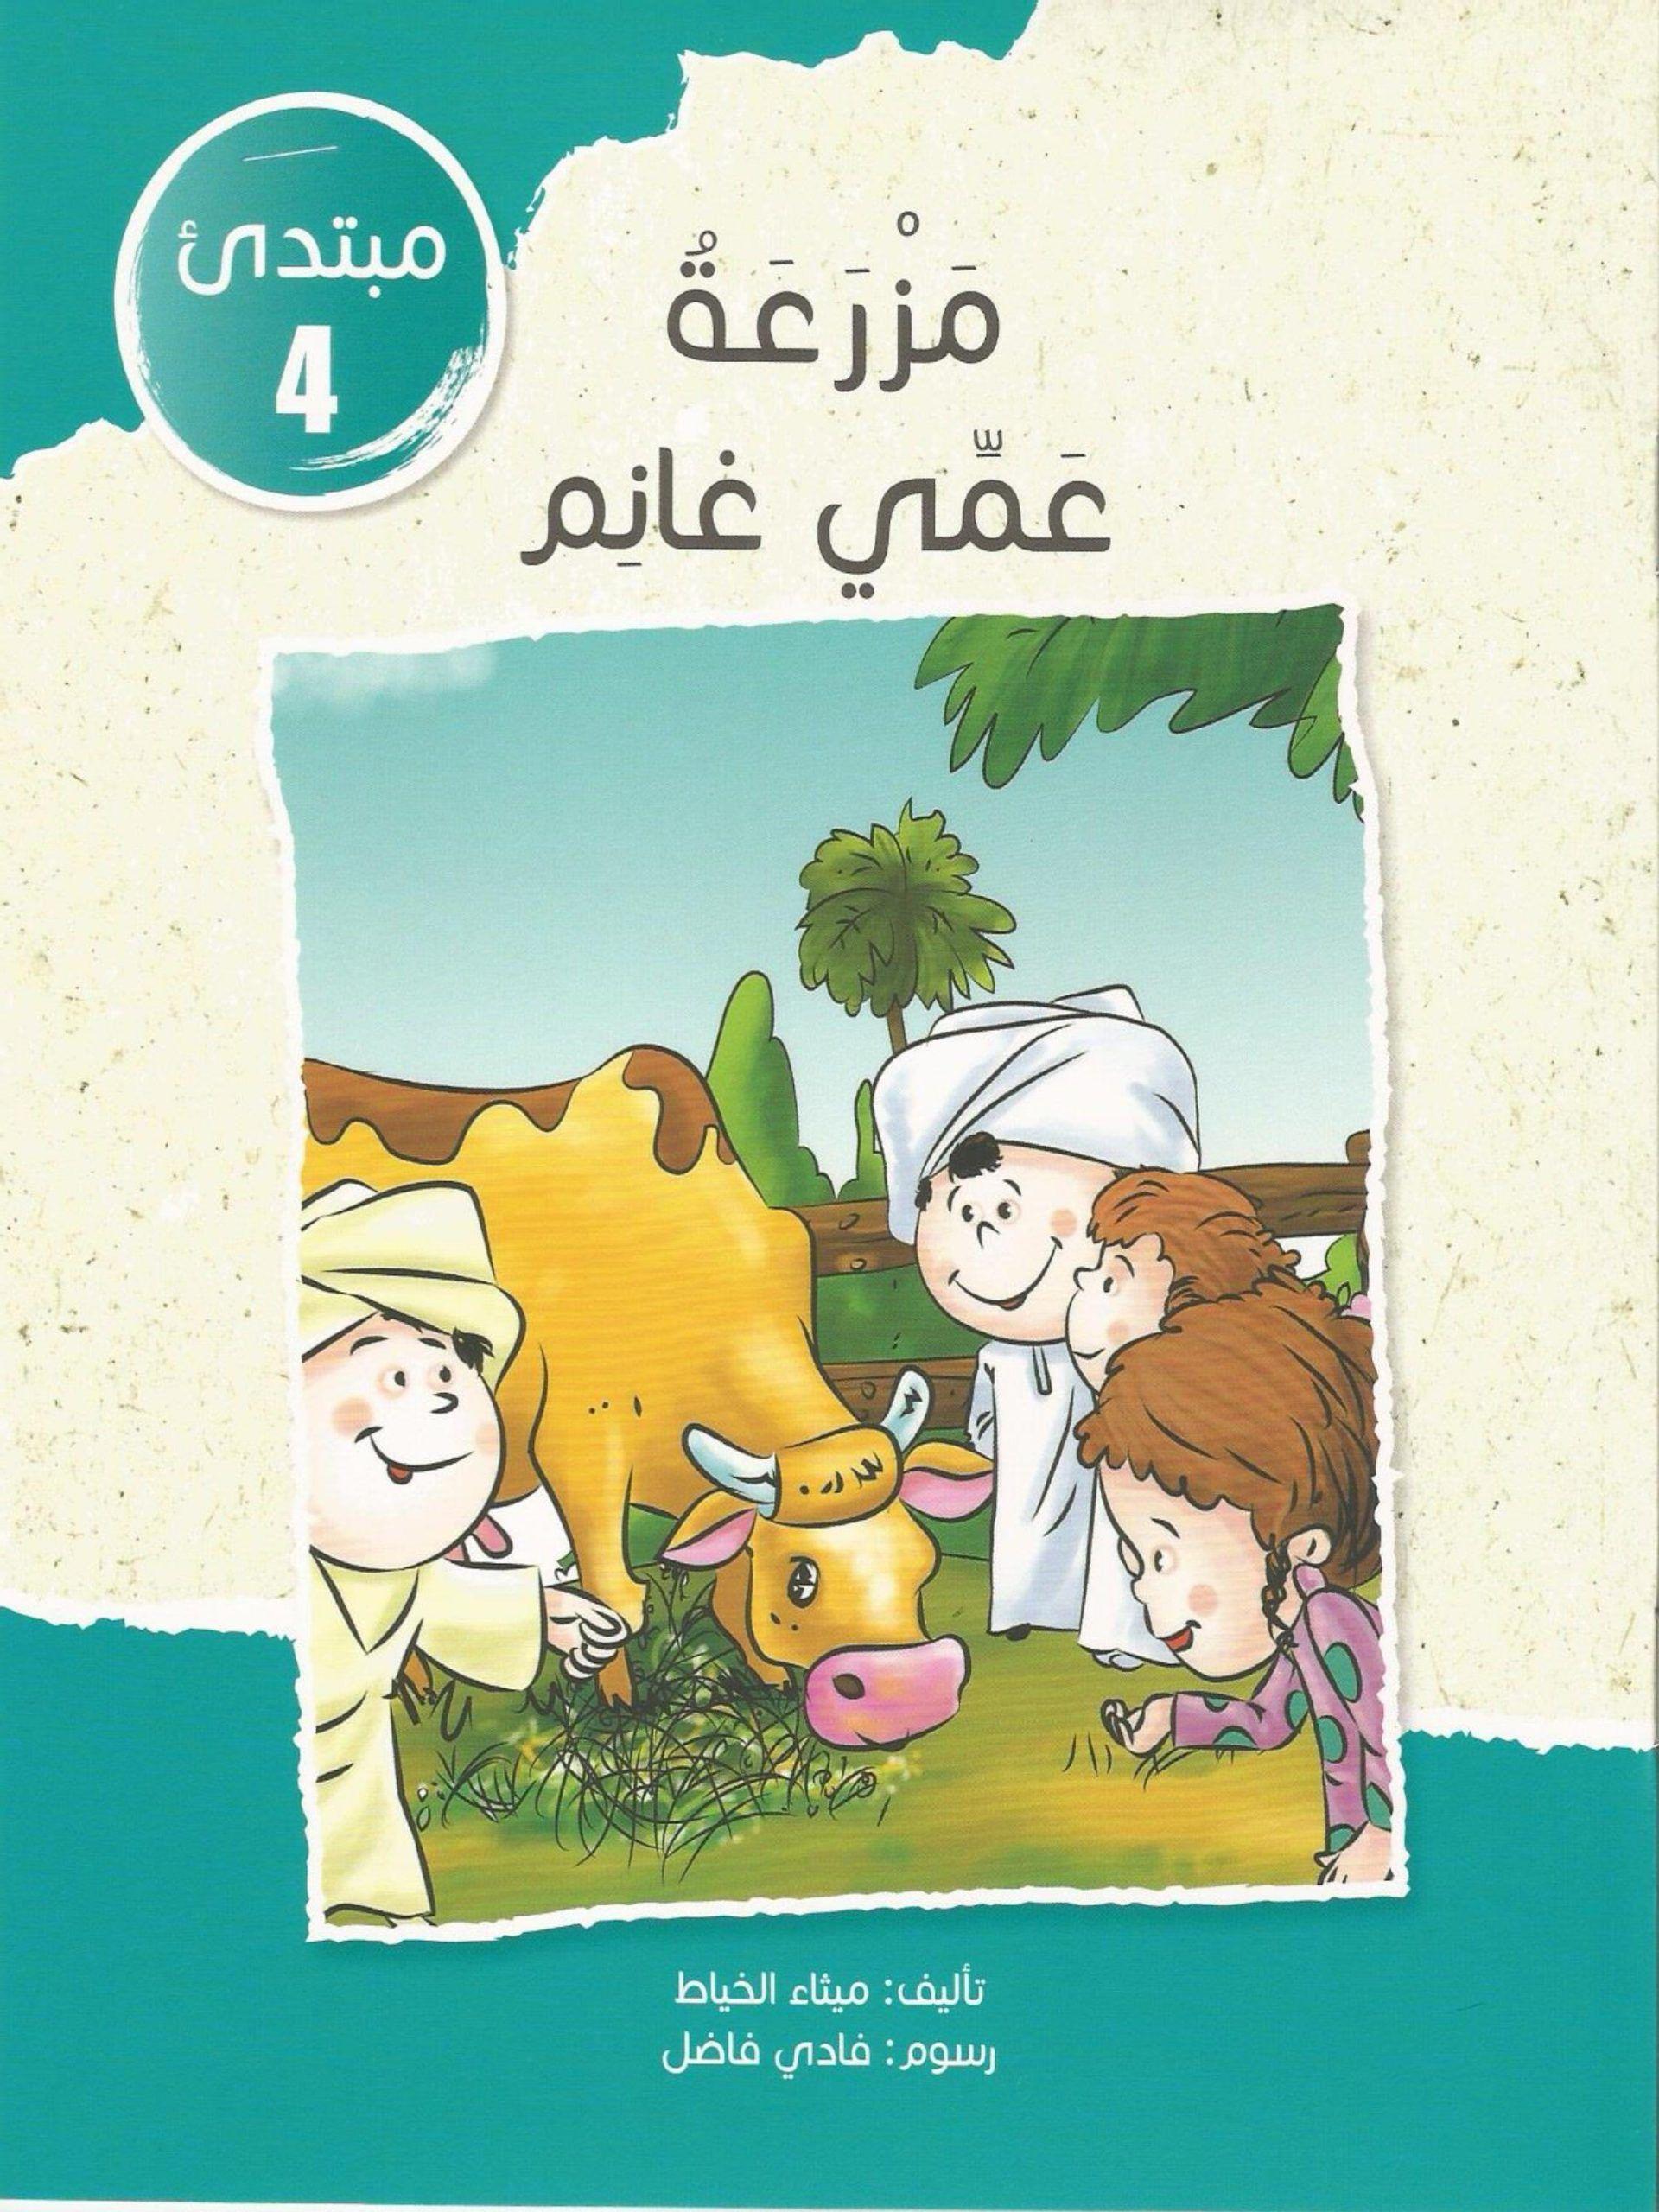 قصة مزرعة عمي غانم لتعليم الاطفال التصفح الصحيح Zelda Characters Book Cover Character